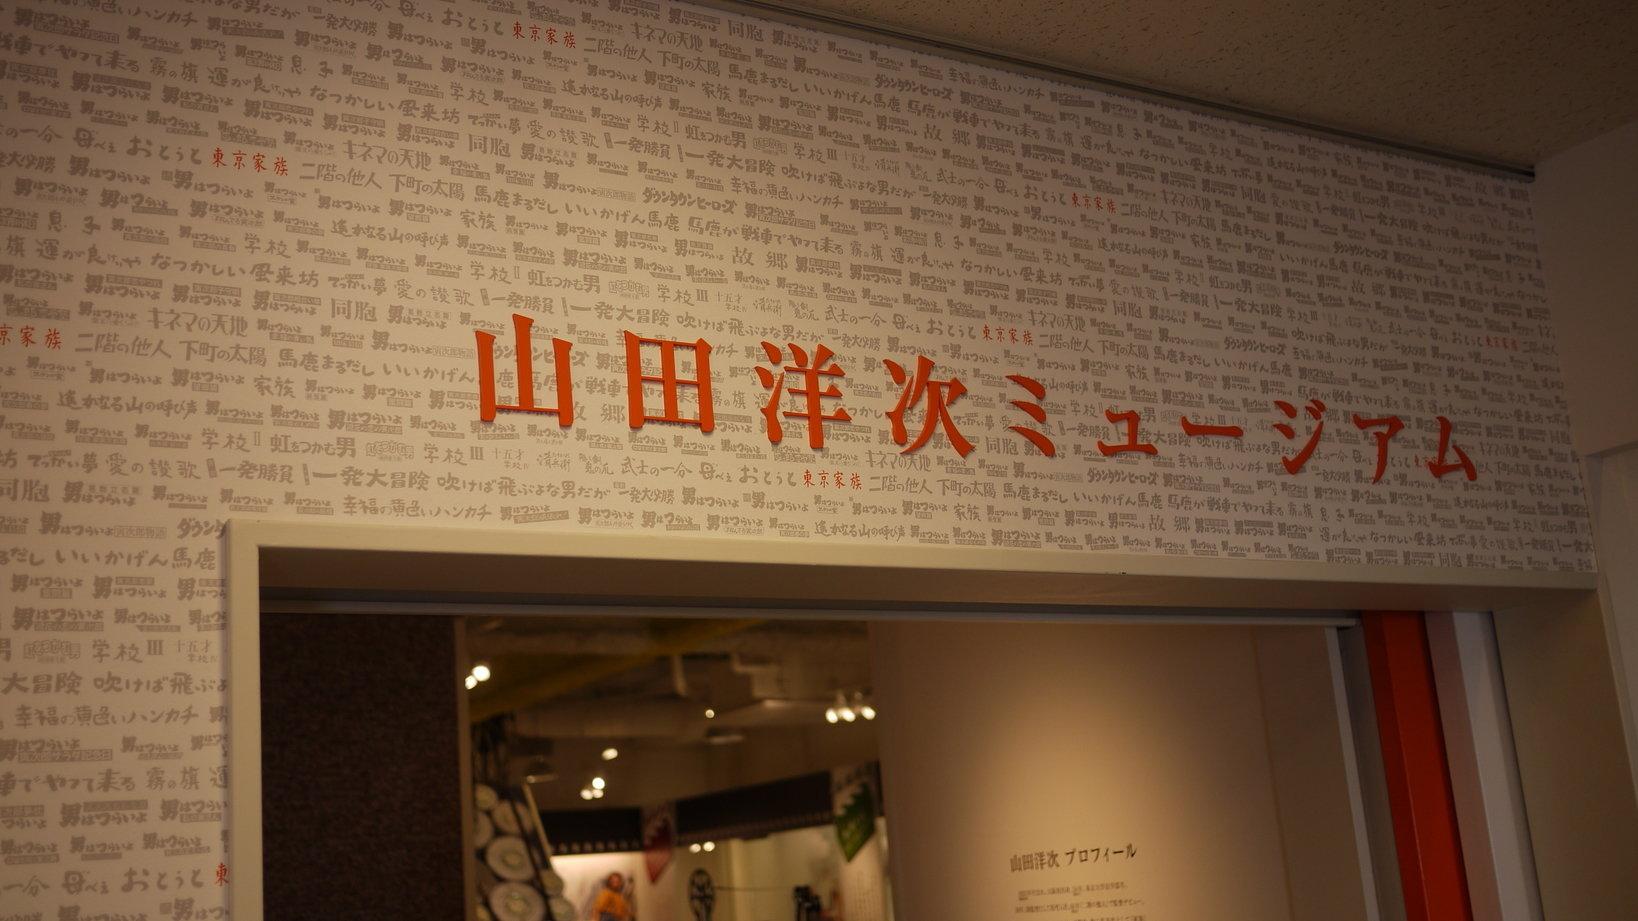 併設されている山田洋次ミュージアム。山田監督の手書きの台本や受賞トロフィー、8mmの映写機などが展示されています